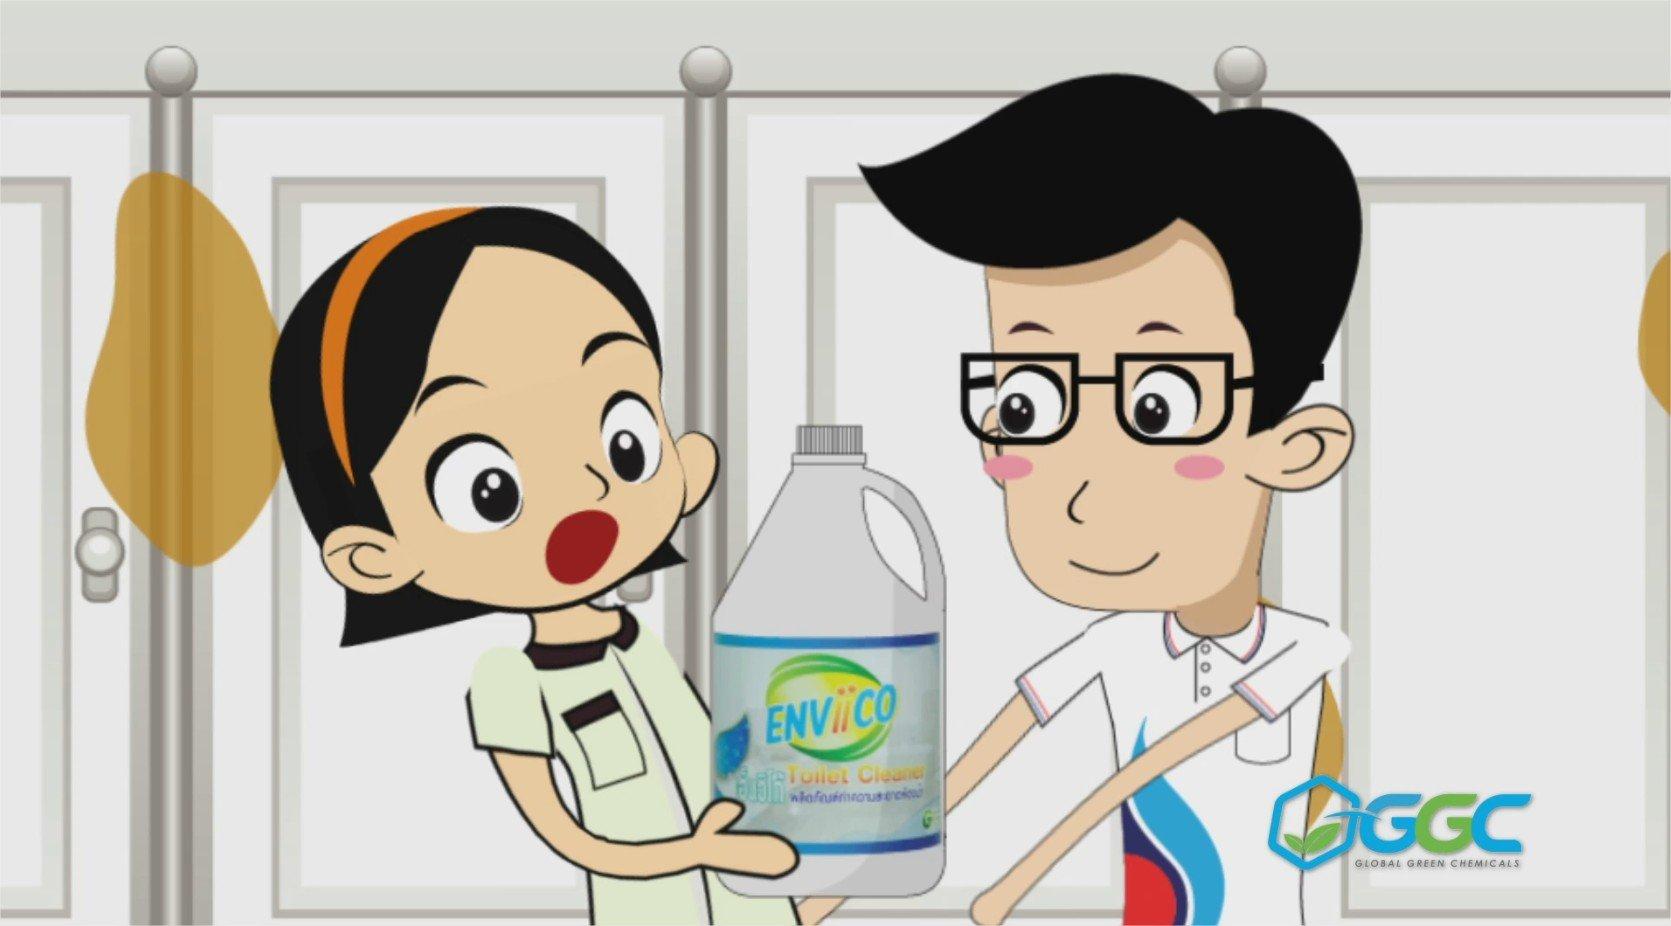 VDO เปิดตัวผลิตภัณฑ์ Enviico : ผลิตภัณฑ์ทำความสะอาดห้องน้ำมิติใหม่ ใส่ใจสิ่งแวดล้อม